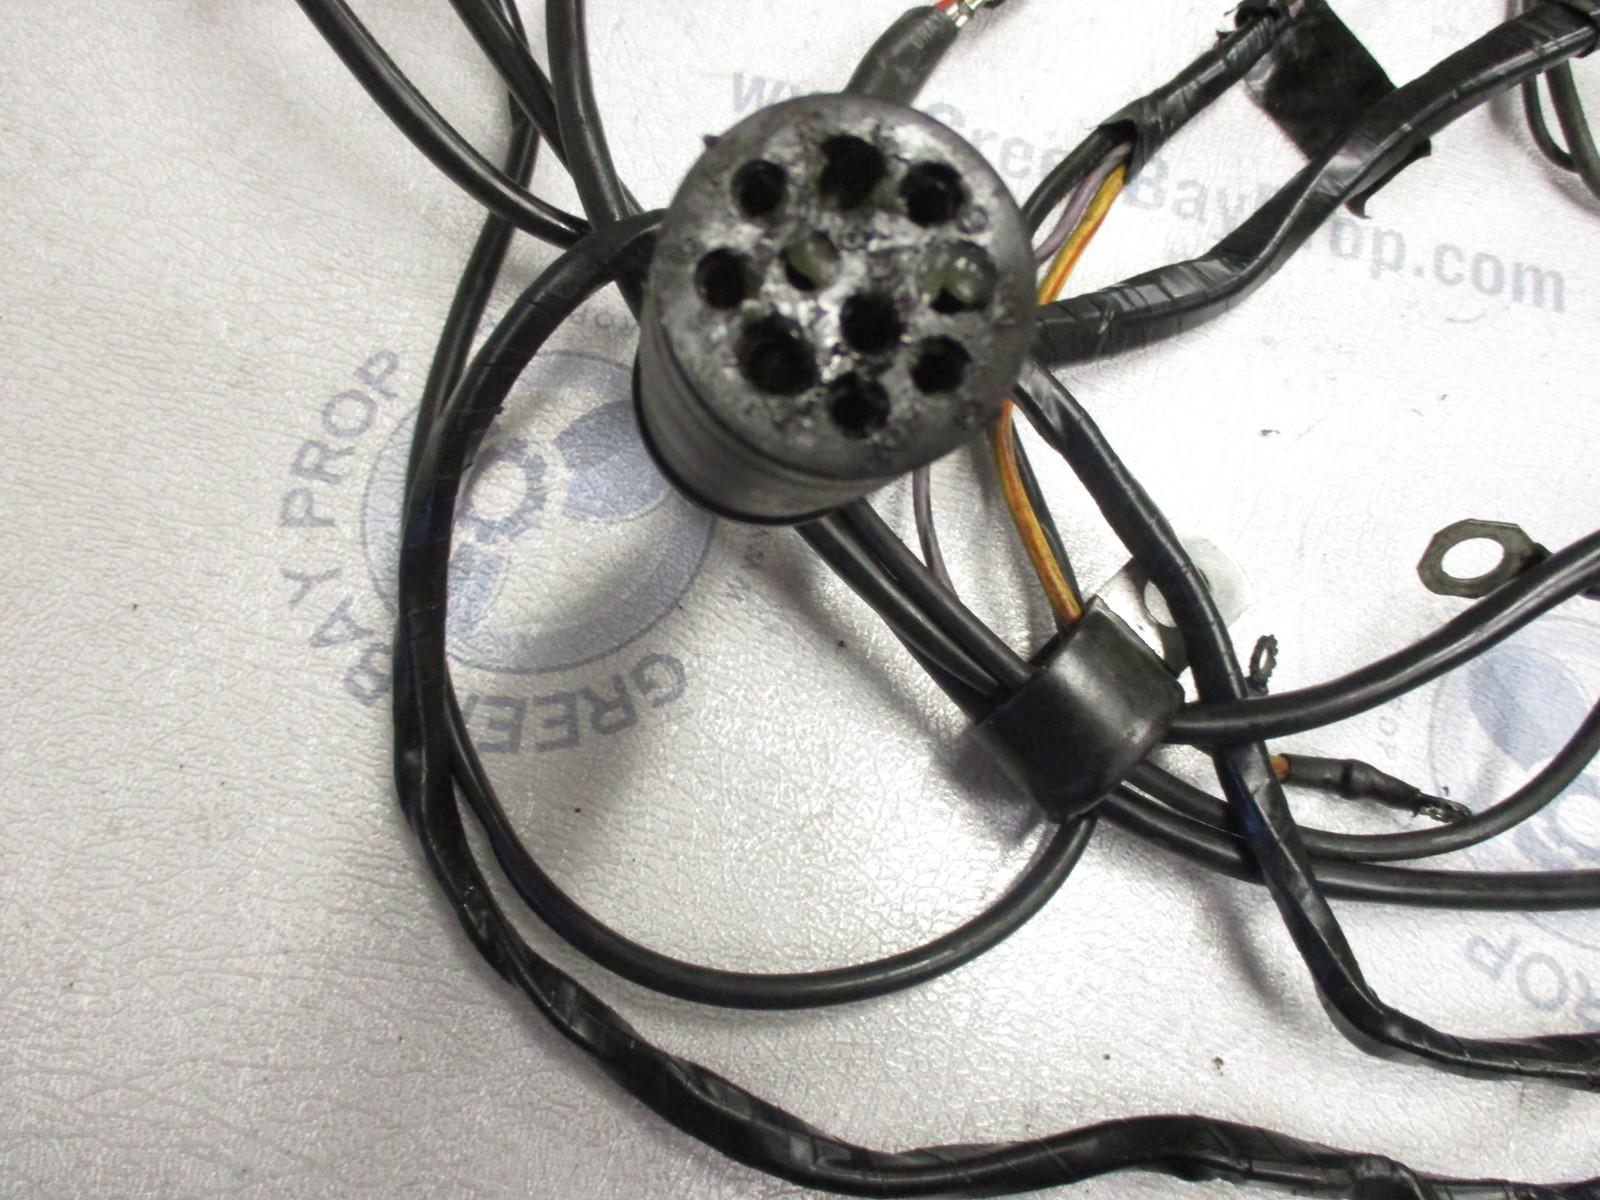 0984568 omc cobra 5 0 5 7 v8 engine motor wire harness. Black Bedroom Furniture Sets. Home Design Ideas